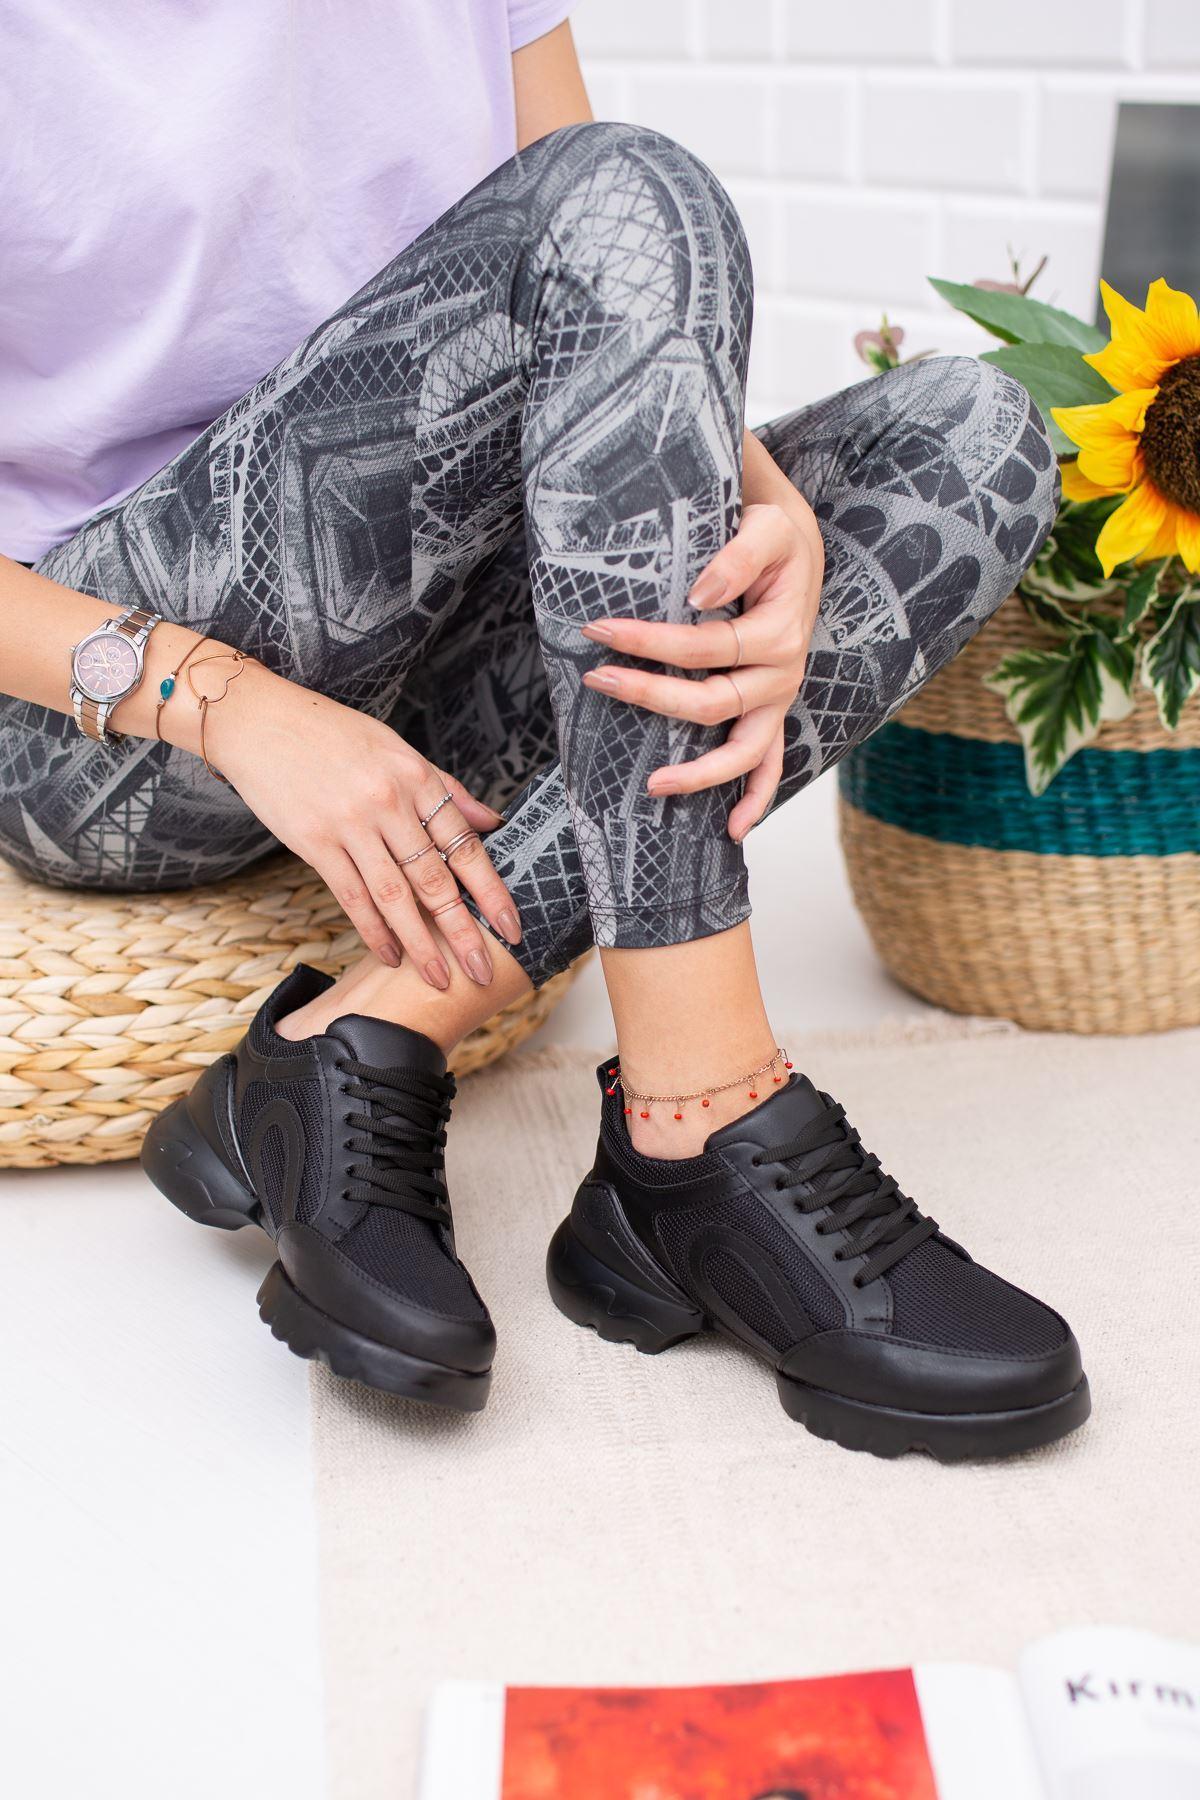 Vista Siyah Ortapedik Bayan Spor Ayakkabı